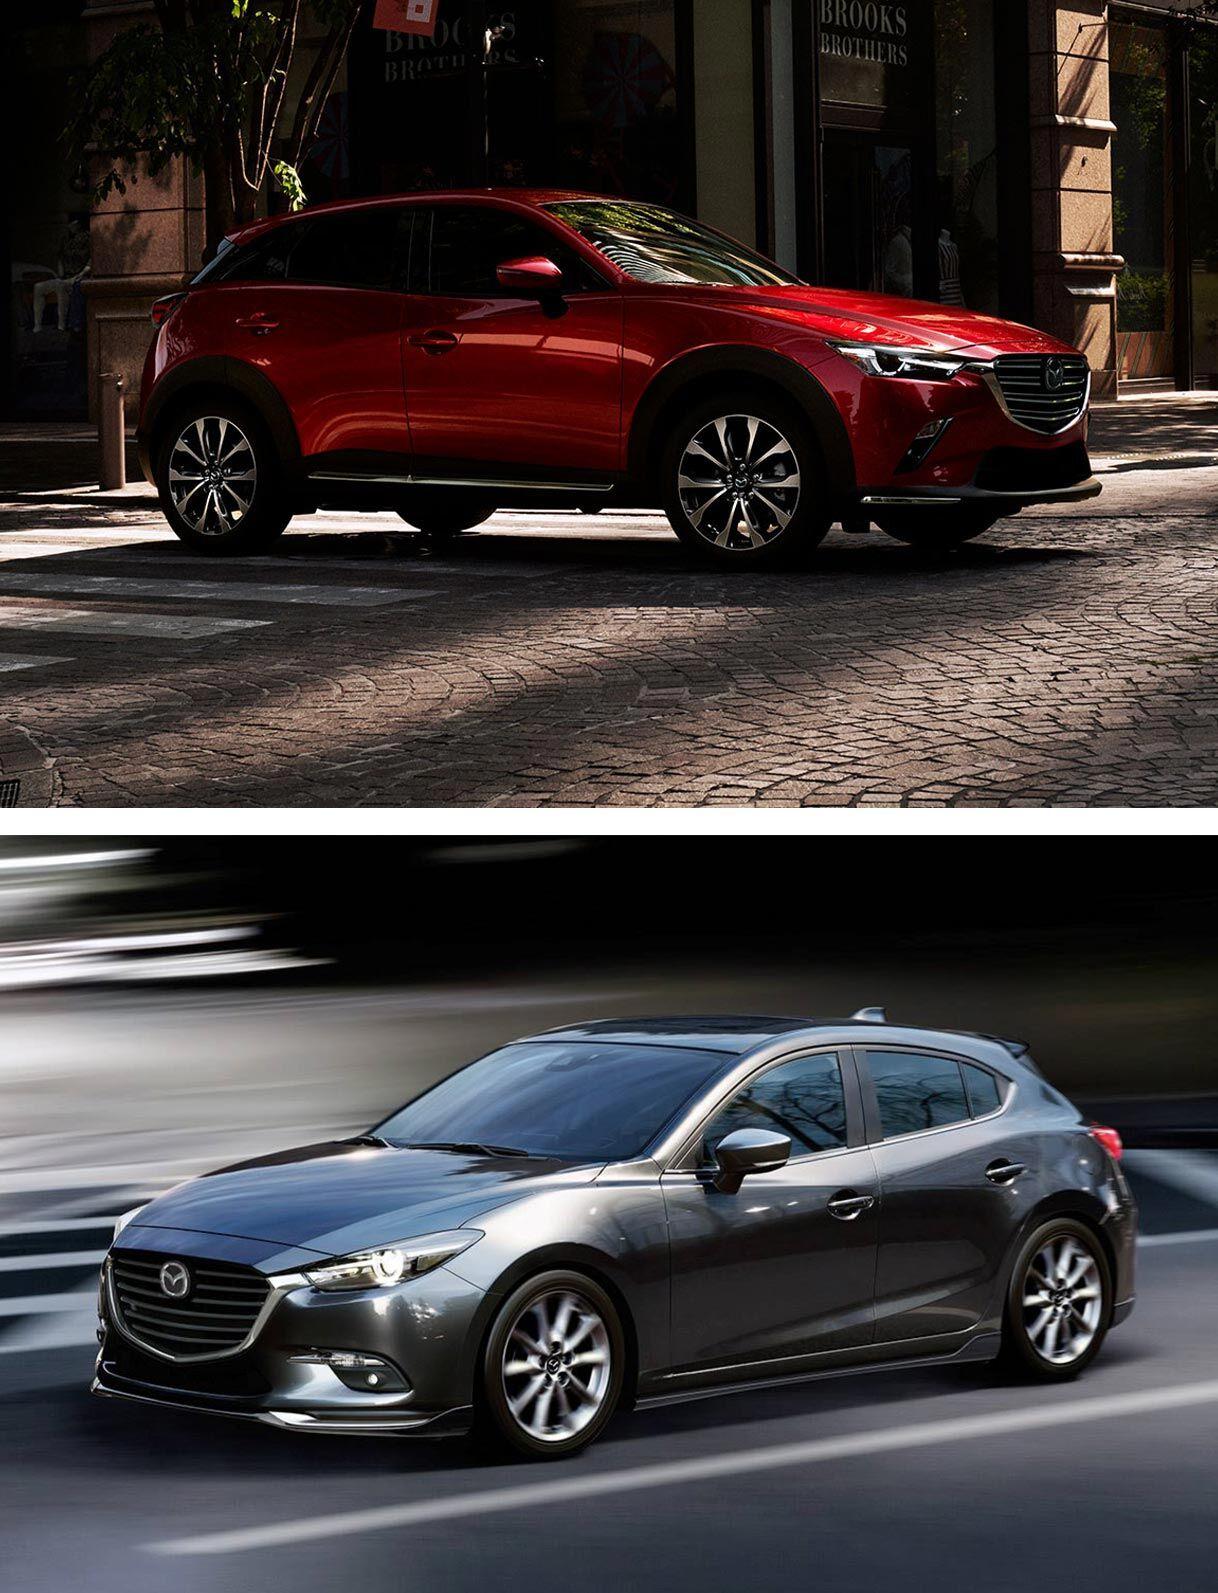 Mazda CX-3 vs. Mazda 3 Hatchback